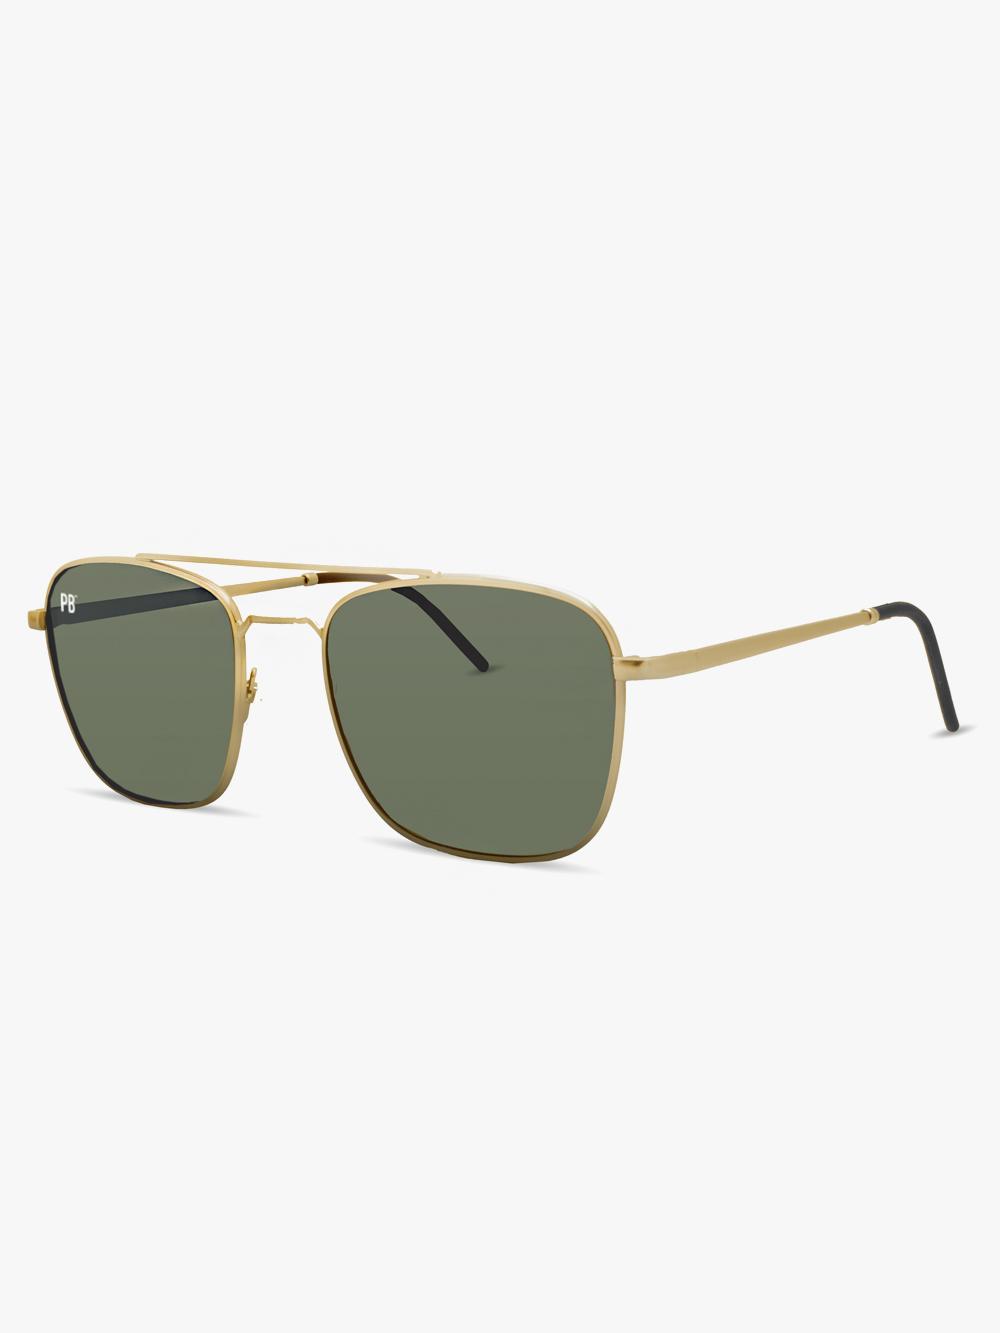 PB-Sunglasses-Legend-Classic